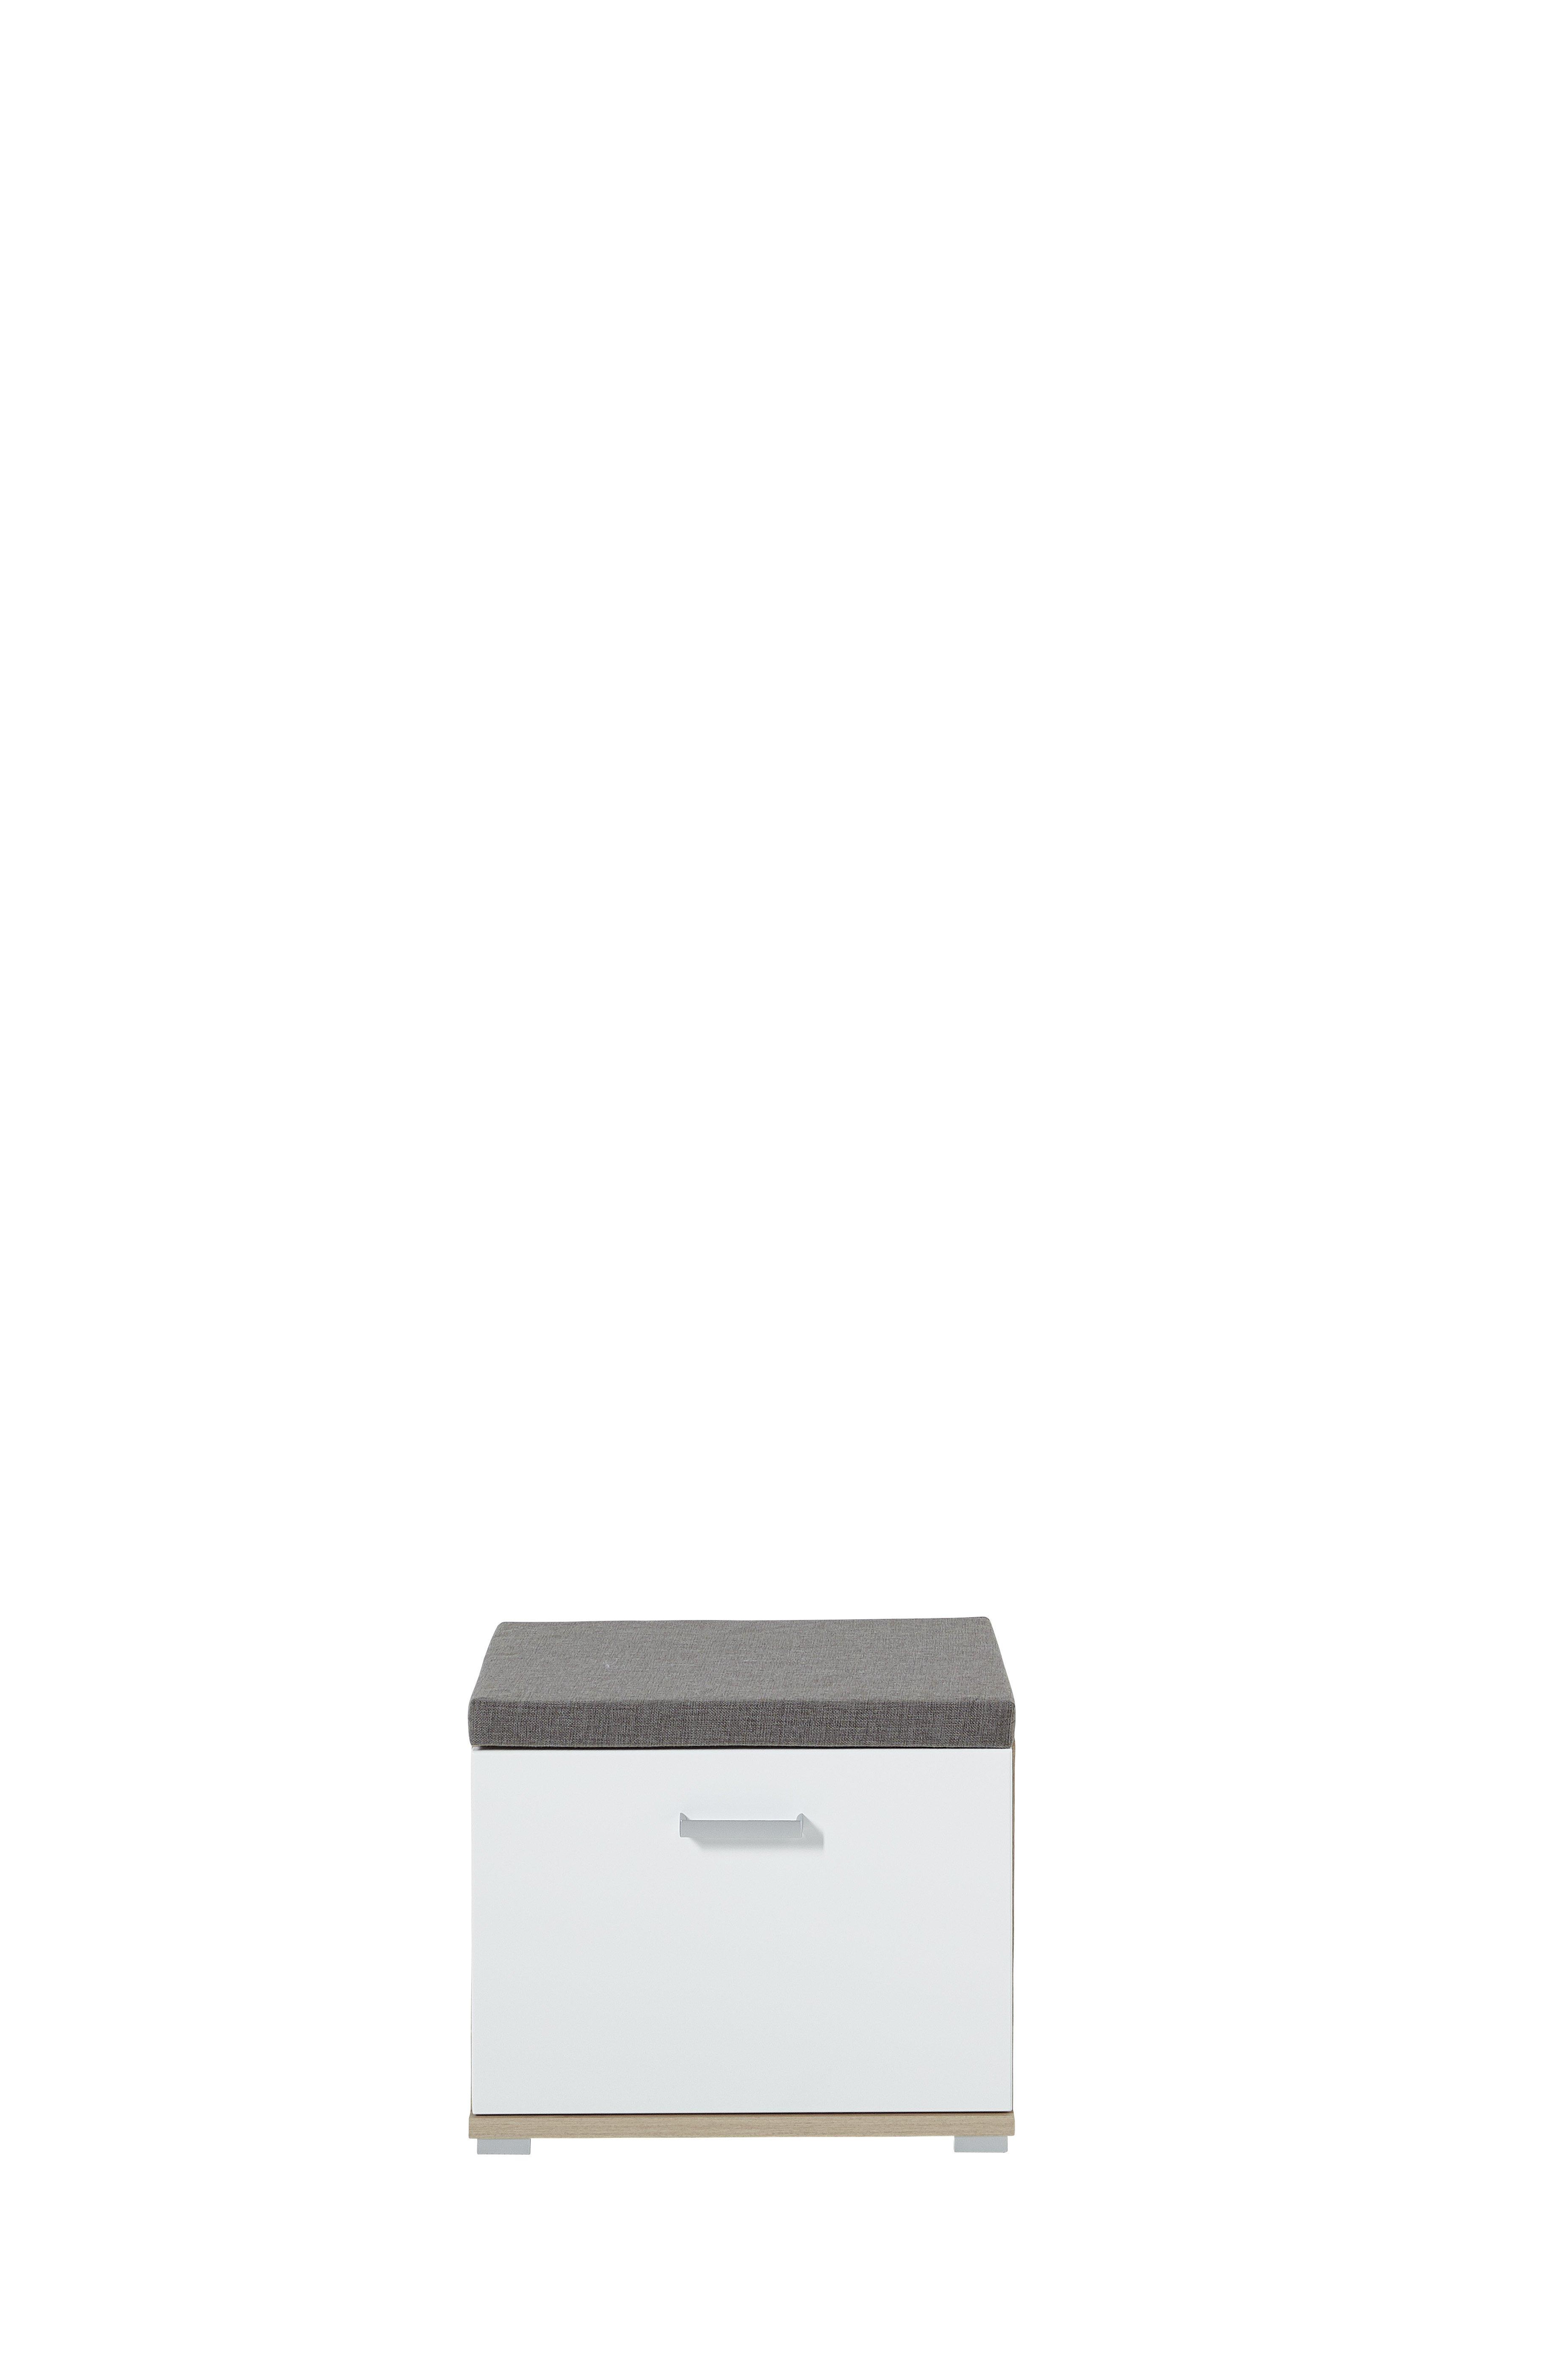 Bank Arkona, weiß, braun, Eiche, Holz, Beschichtete Spanplatte